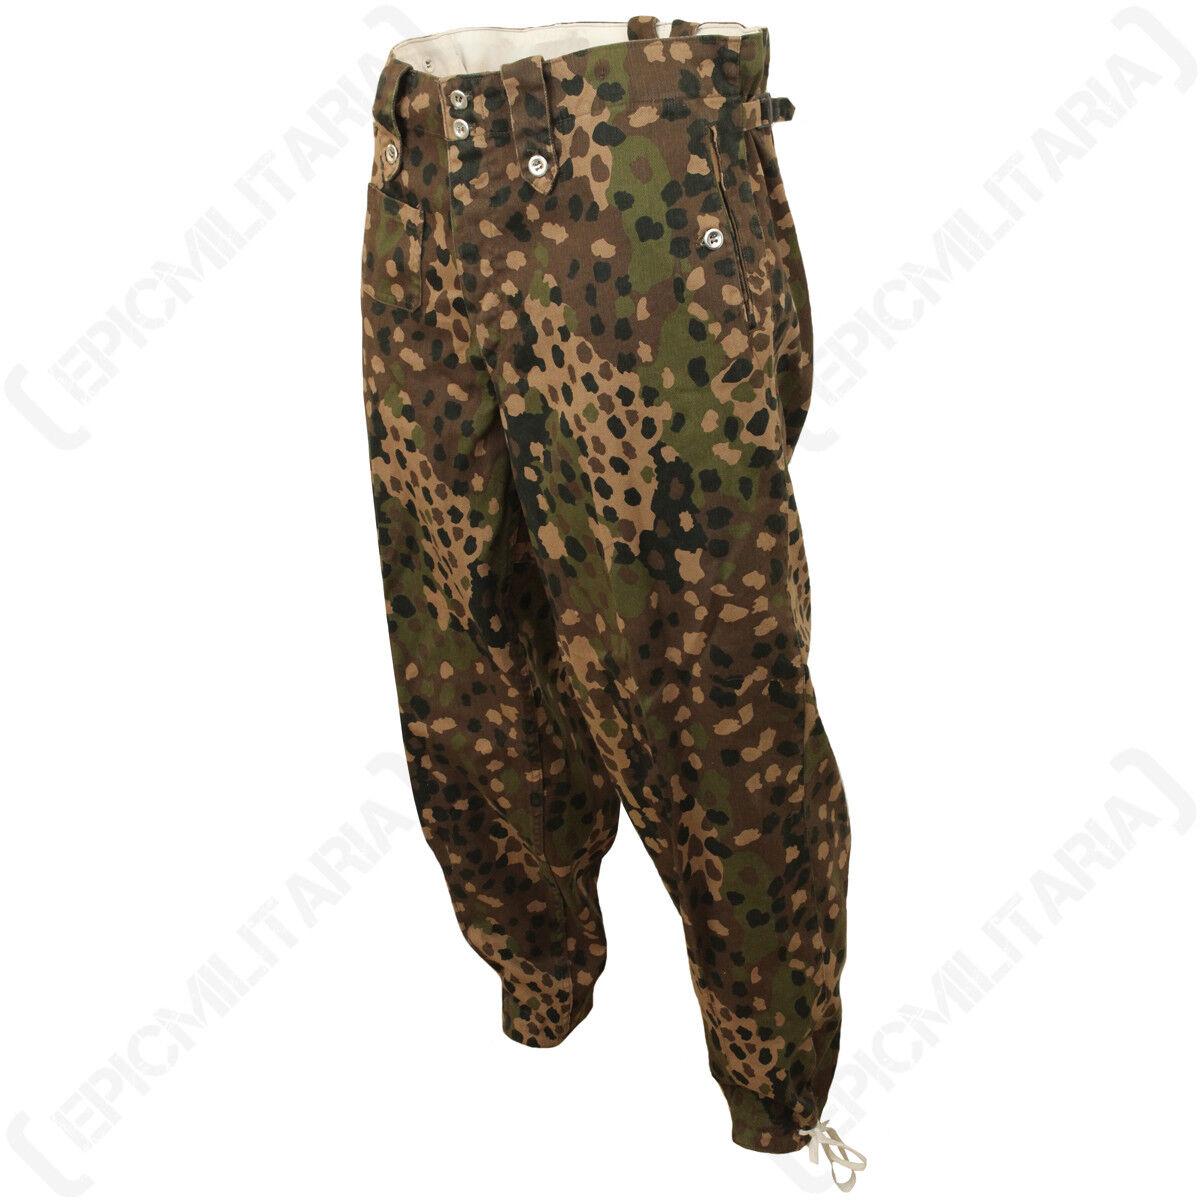 Allemand Elite HBT Point Pantalons - WW2 Pois Camo Pantalons Repro M44